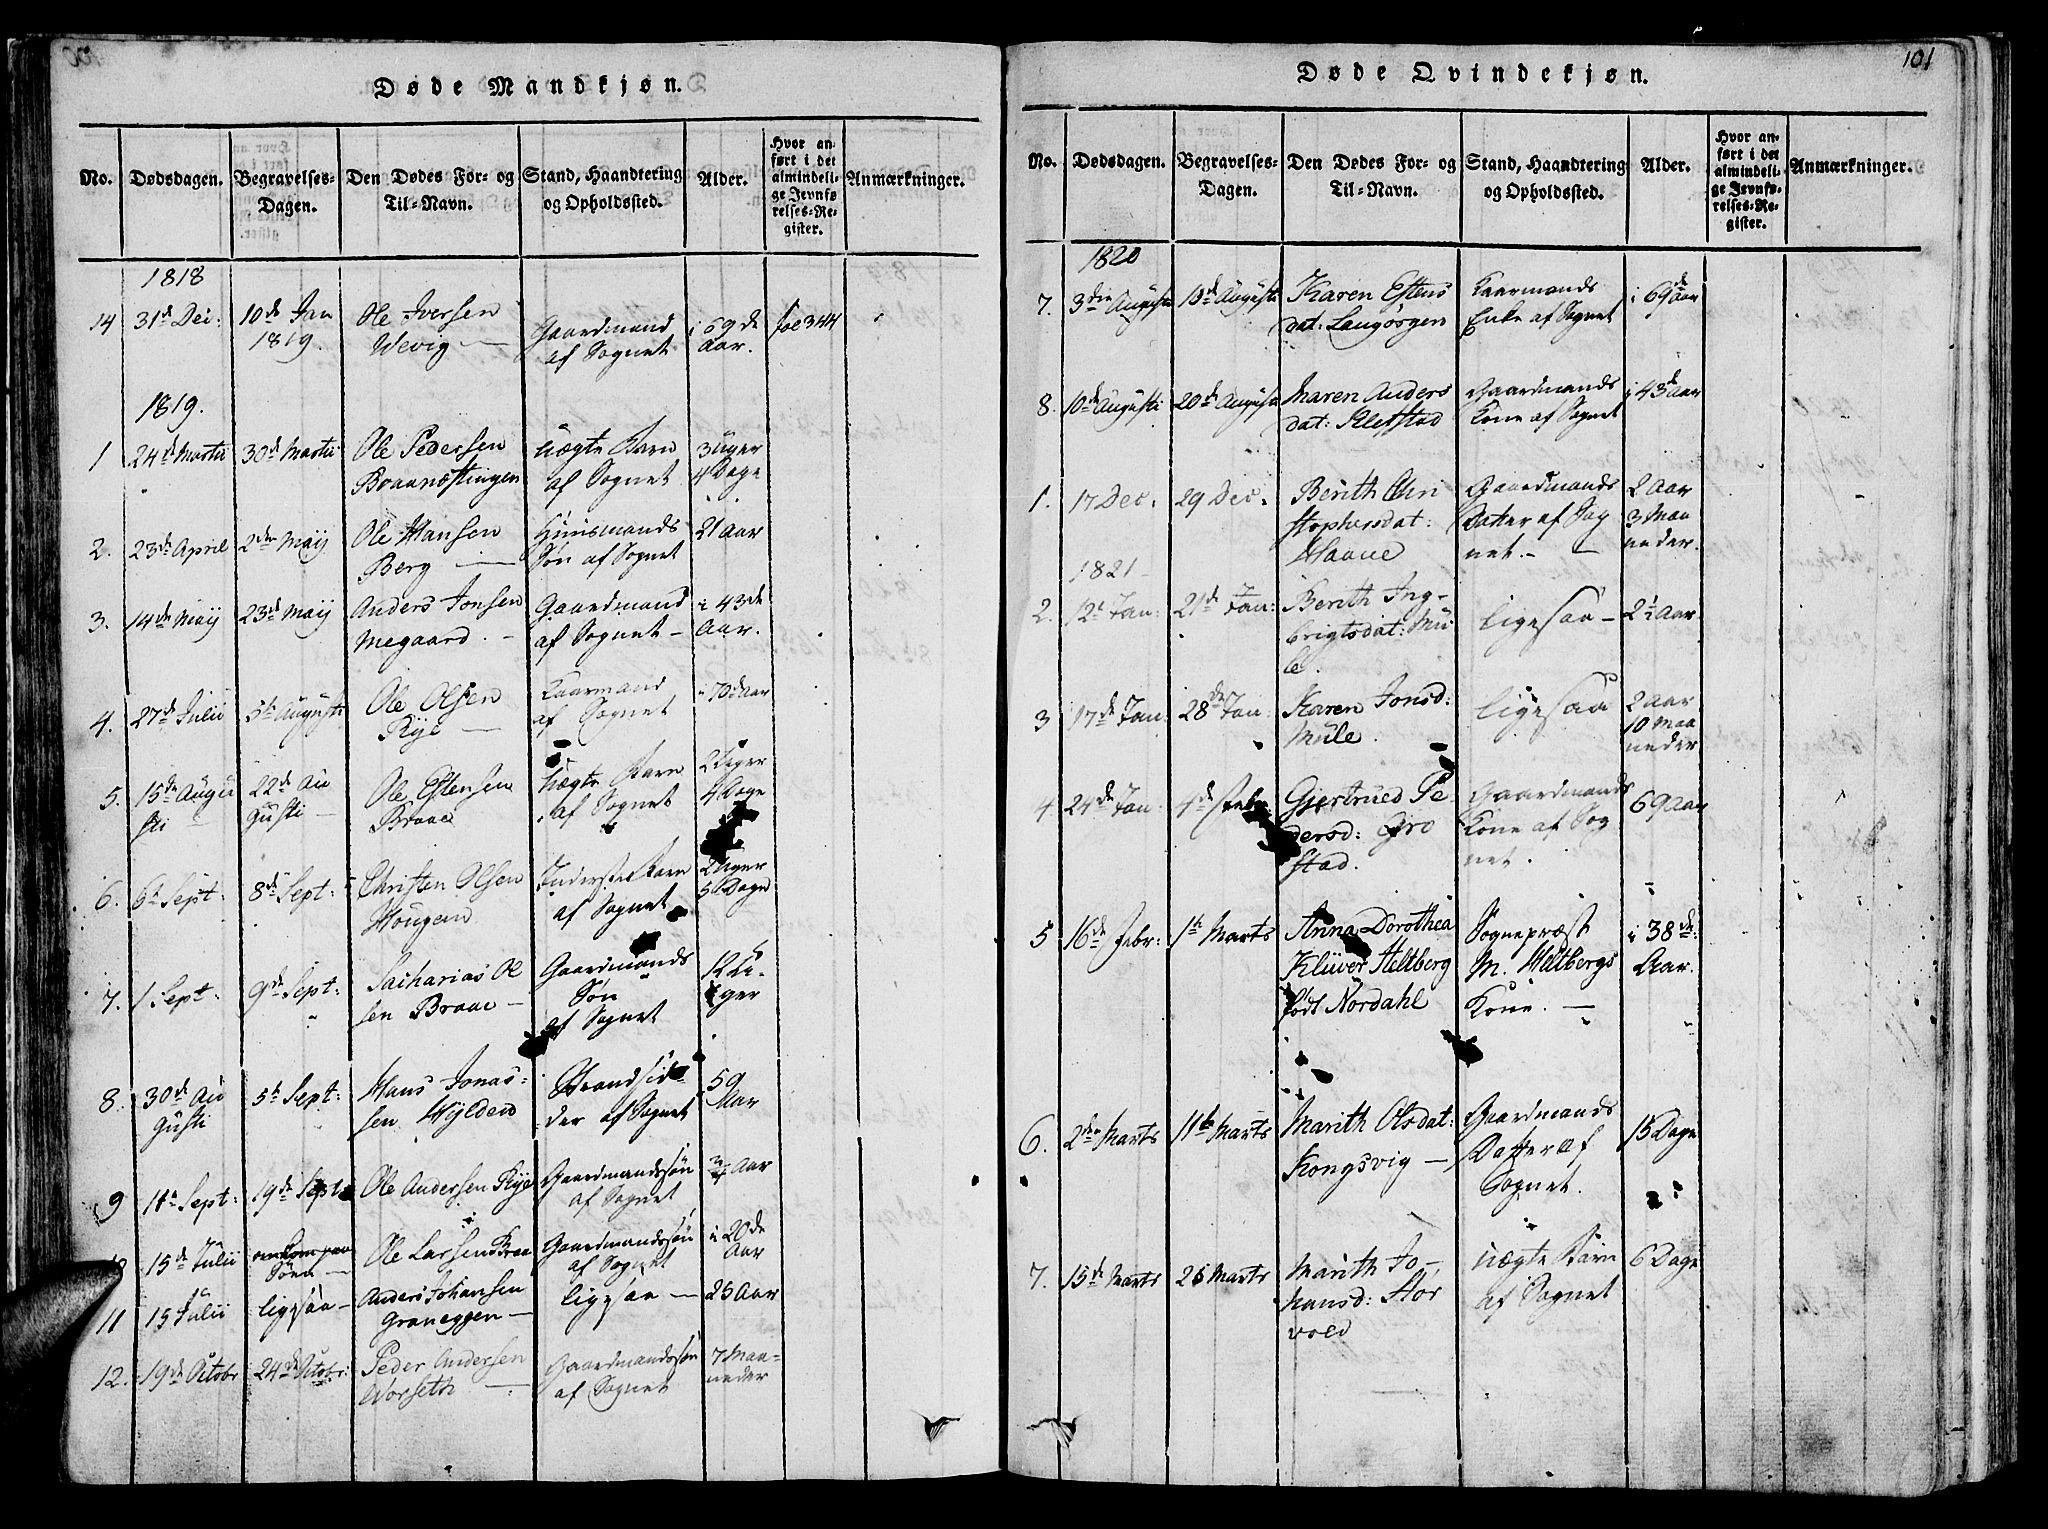 SAT, Ministerialprotokoller, klokkerbøker og fødselsregistre - Sør-Trøndelag, 612/L0372: Ministerialbok nr. 612A06 /1, 1816-1828, s. 101